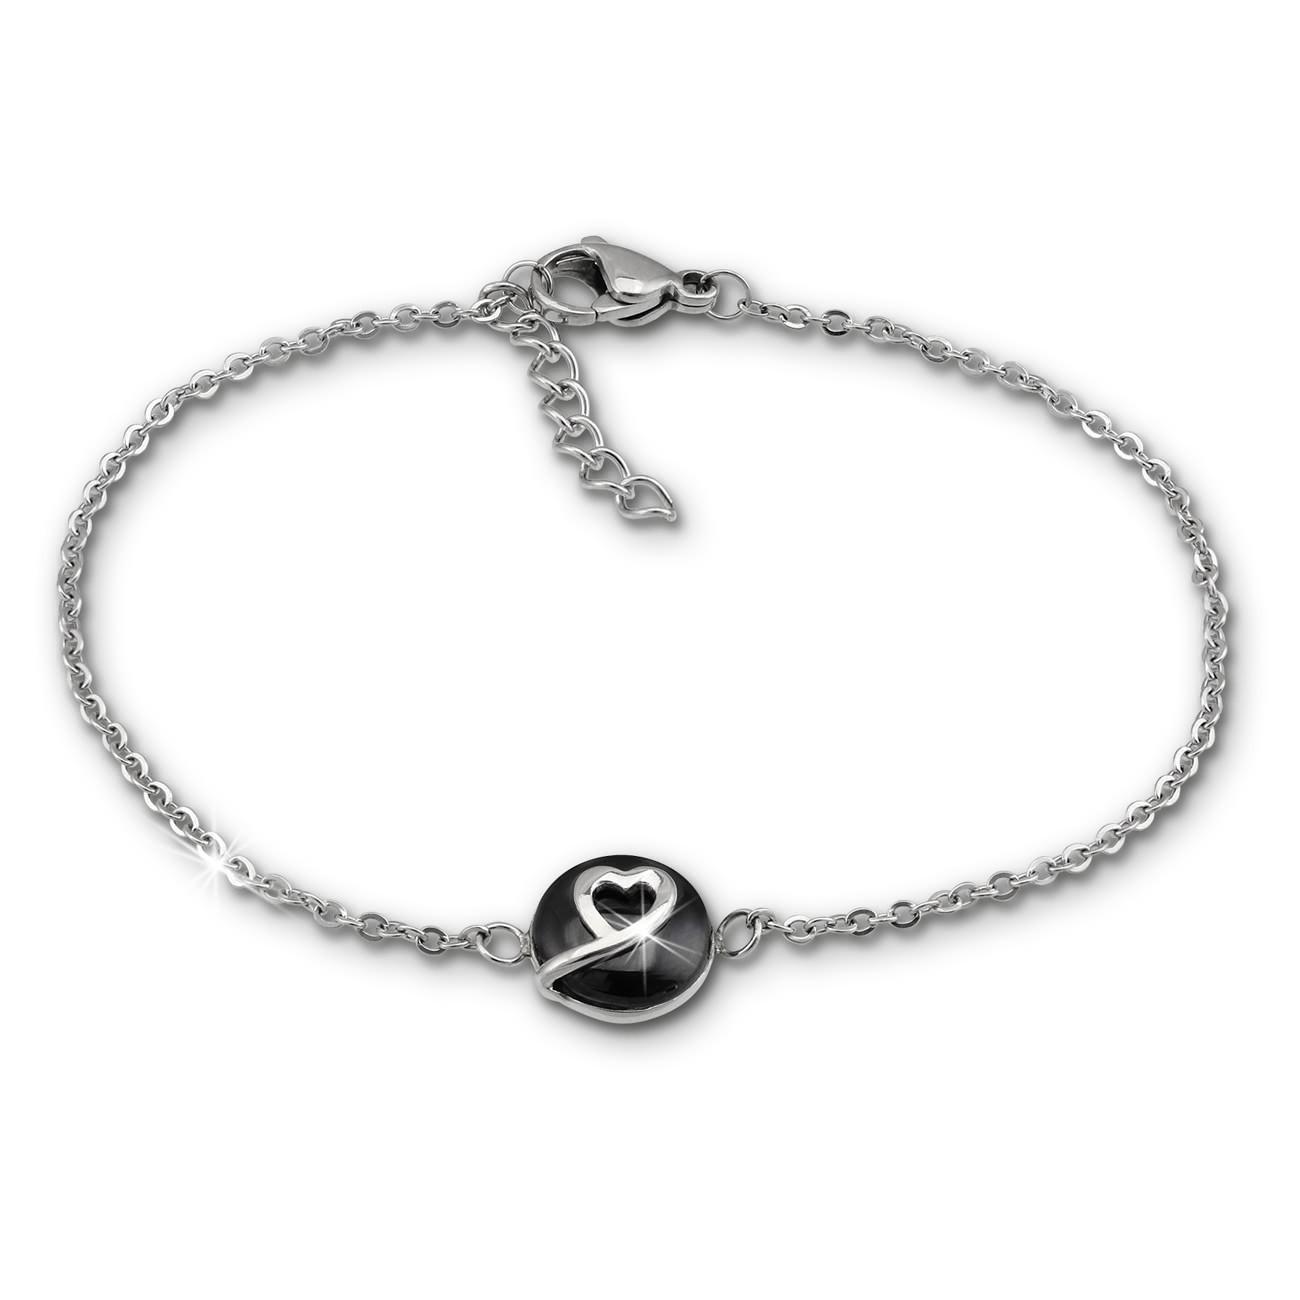 Amello Armband Keramik Herzchen schwarz Damen Edelstahlschmuck ESAX34S8